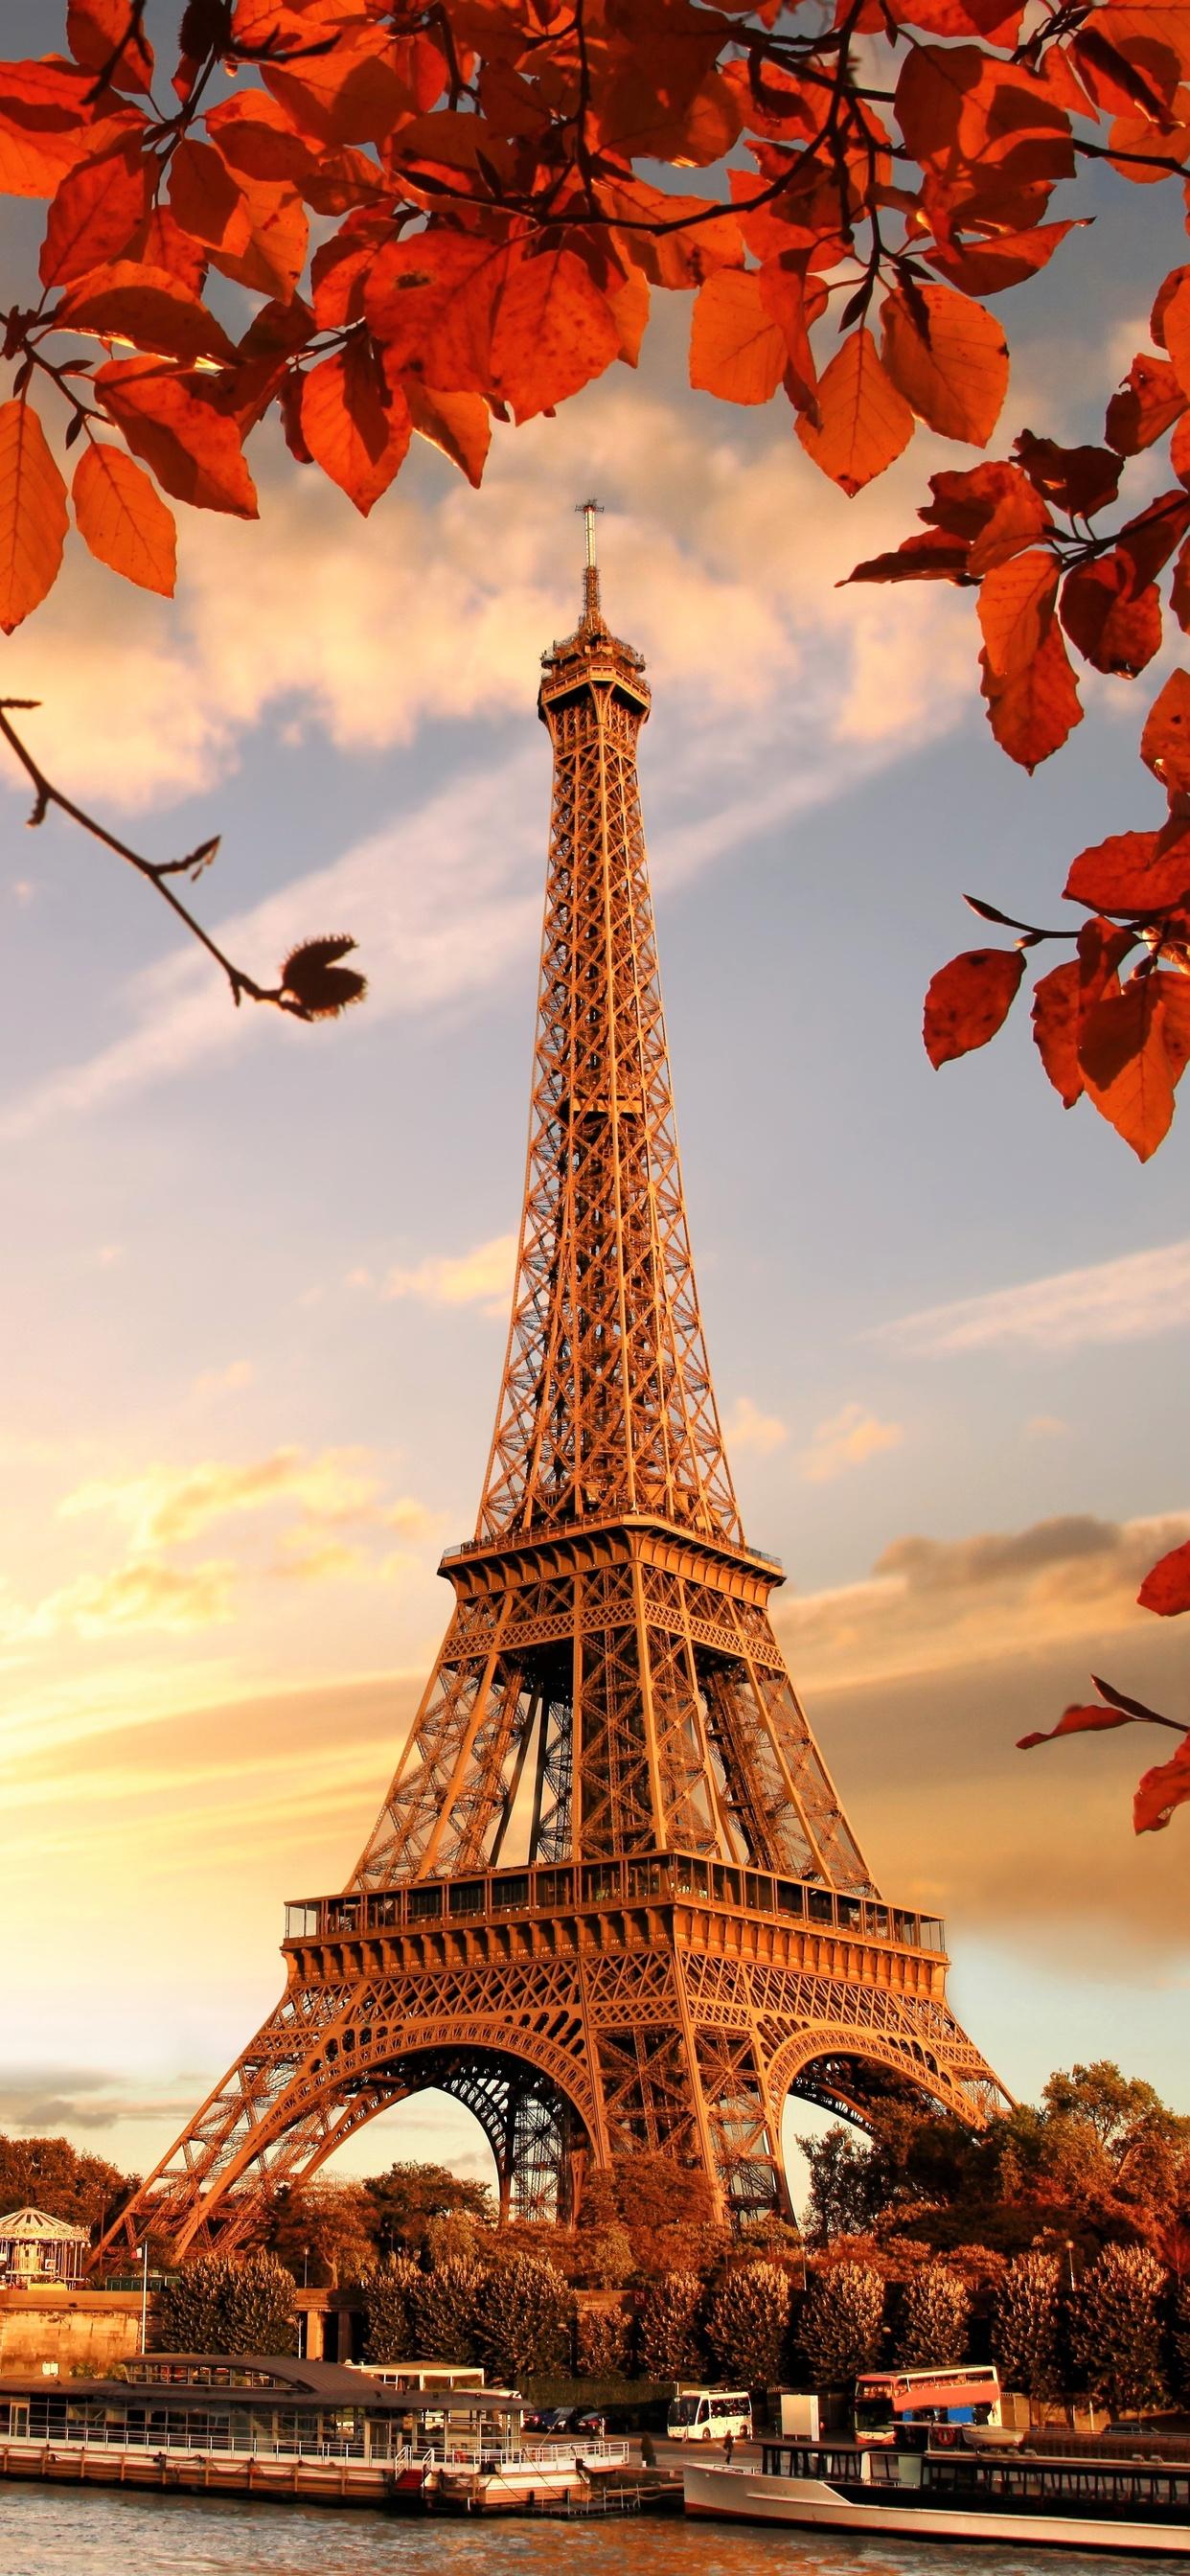 1242x2688 Eiffel Tower Autumn Season 4k 5k Iphone Xs Max Hd